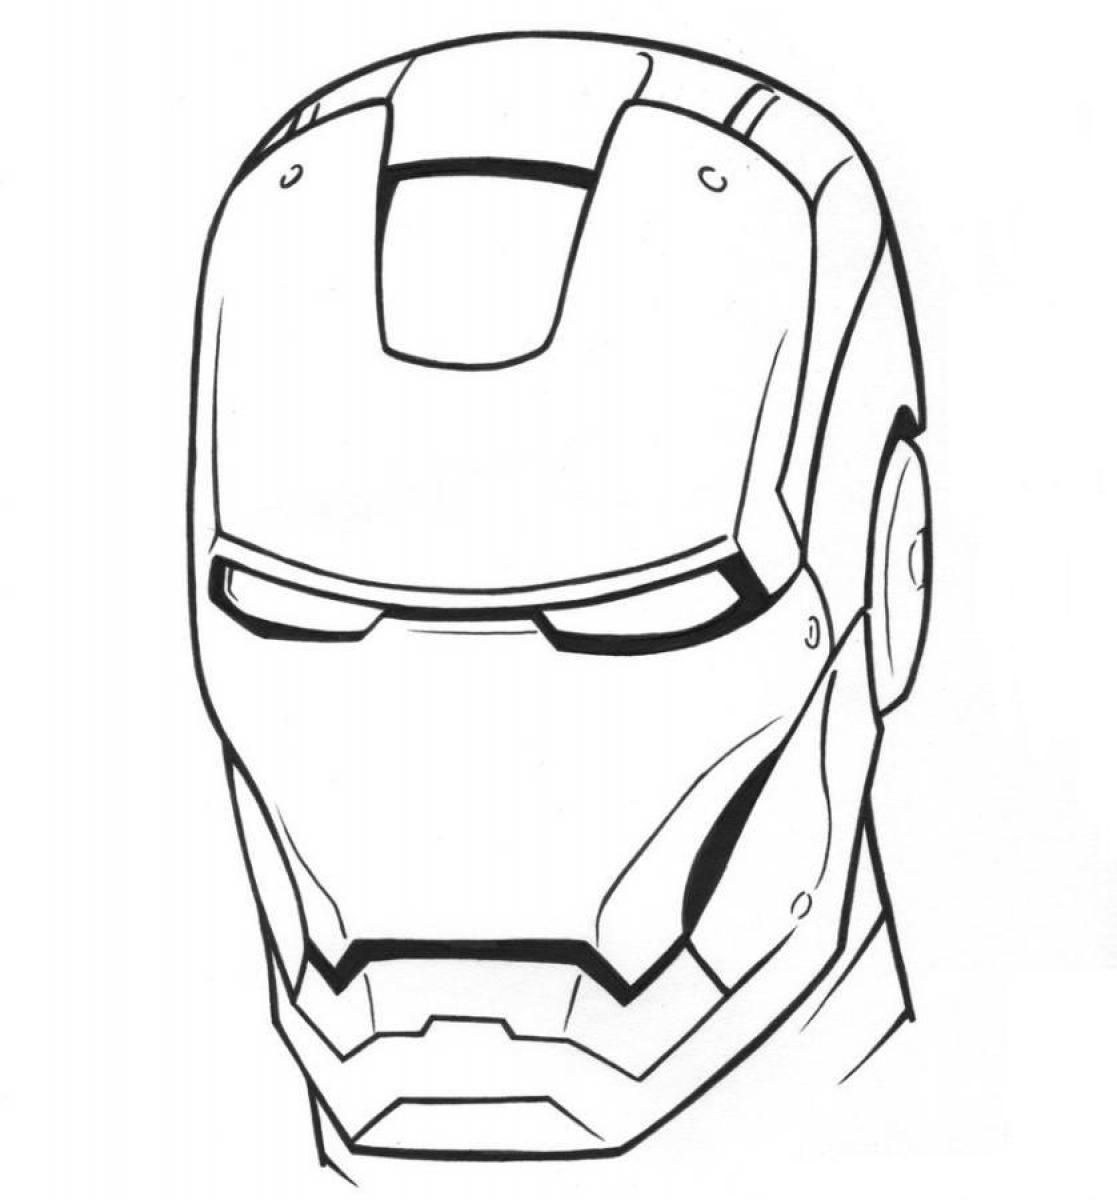 Imagen Relacionada Iron Man Para Dibujar Spiderman Dibujo Para Colorear Iron Man Para Colorear